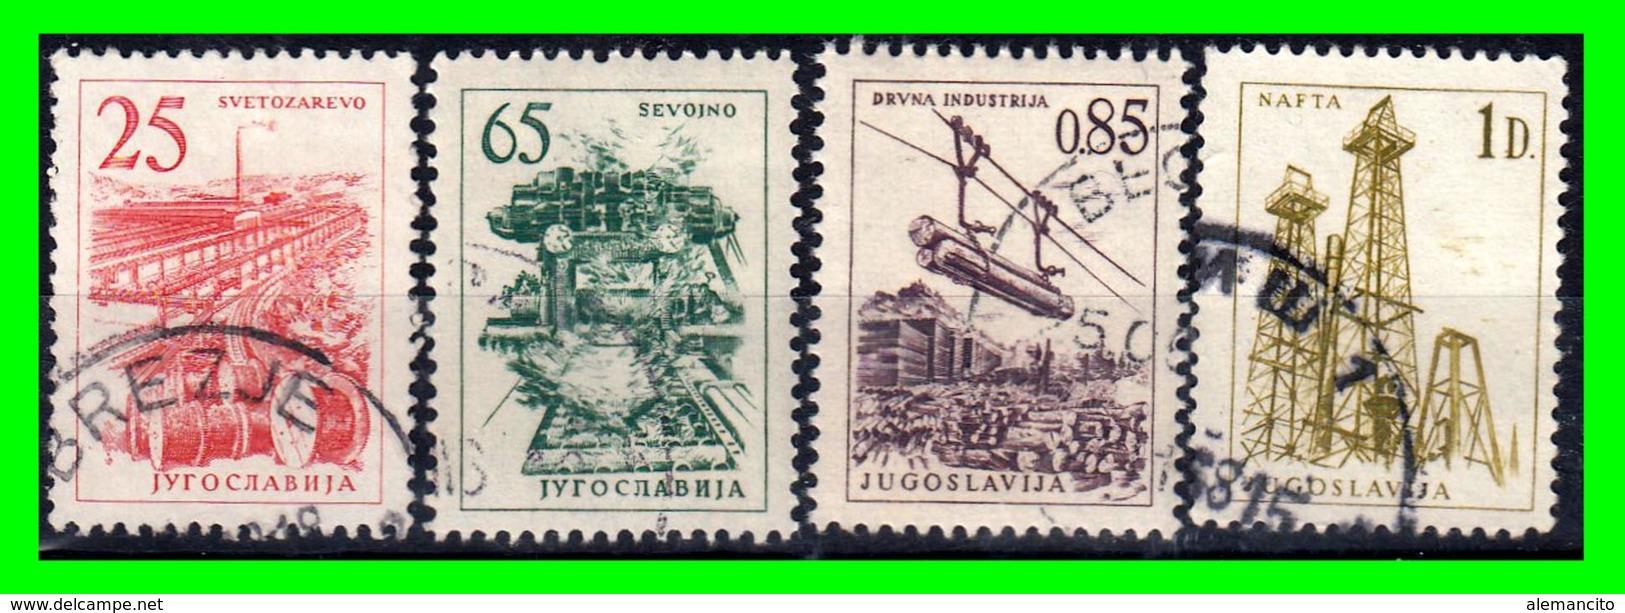 YUGOSLAVIA SELLO AÑO 1961 TECNOLOGIA Y ARQUITECTURA - 1945-1992 República Federal Socialista De Yugoslavia